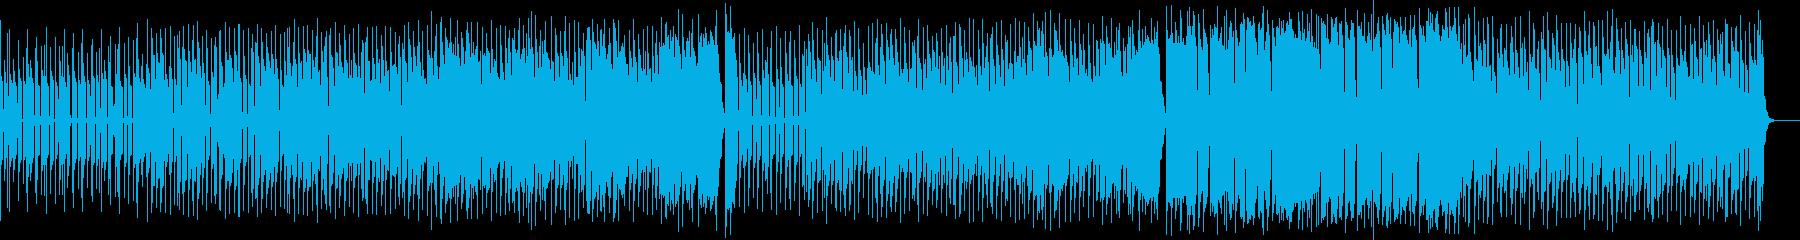 歪んだギターのクラシック風ロックサウンドの再生済みの波形